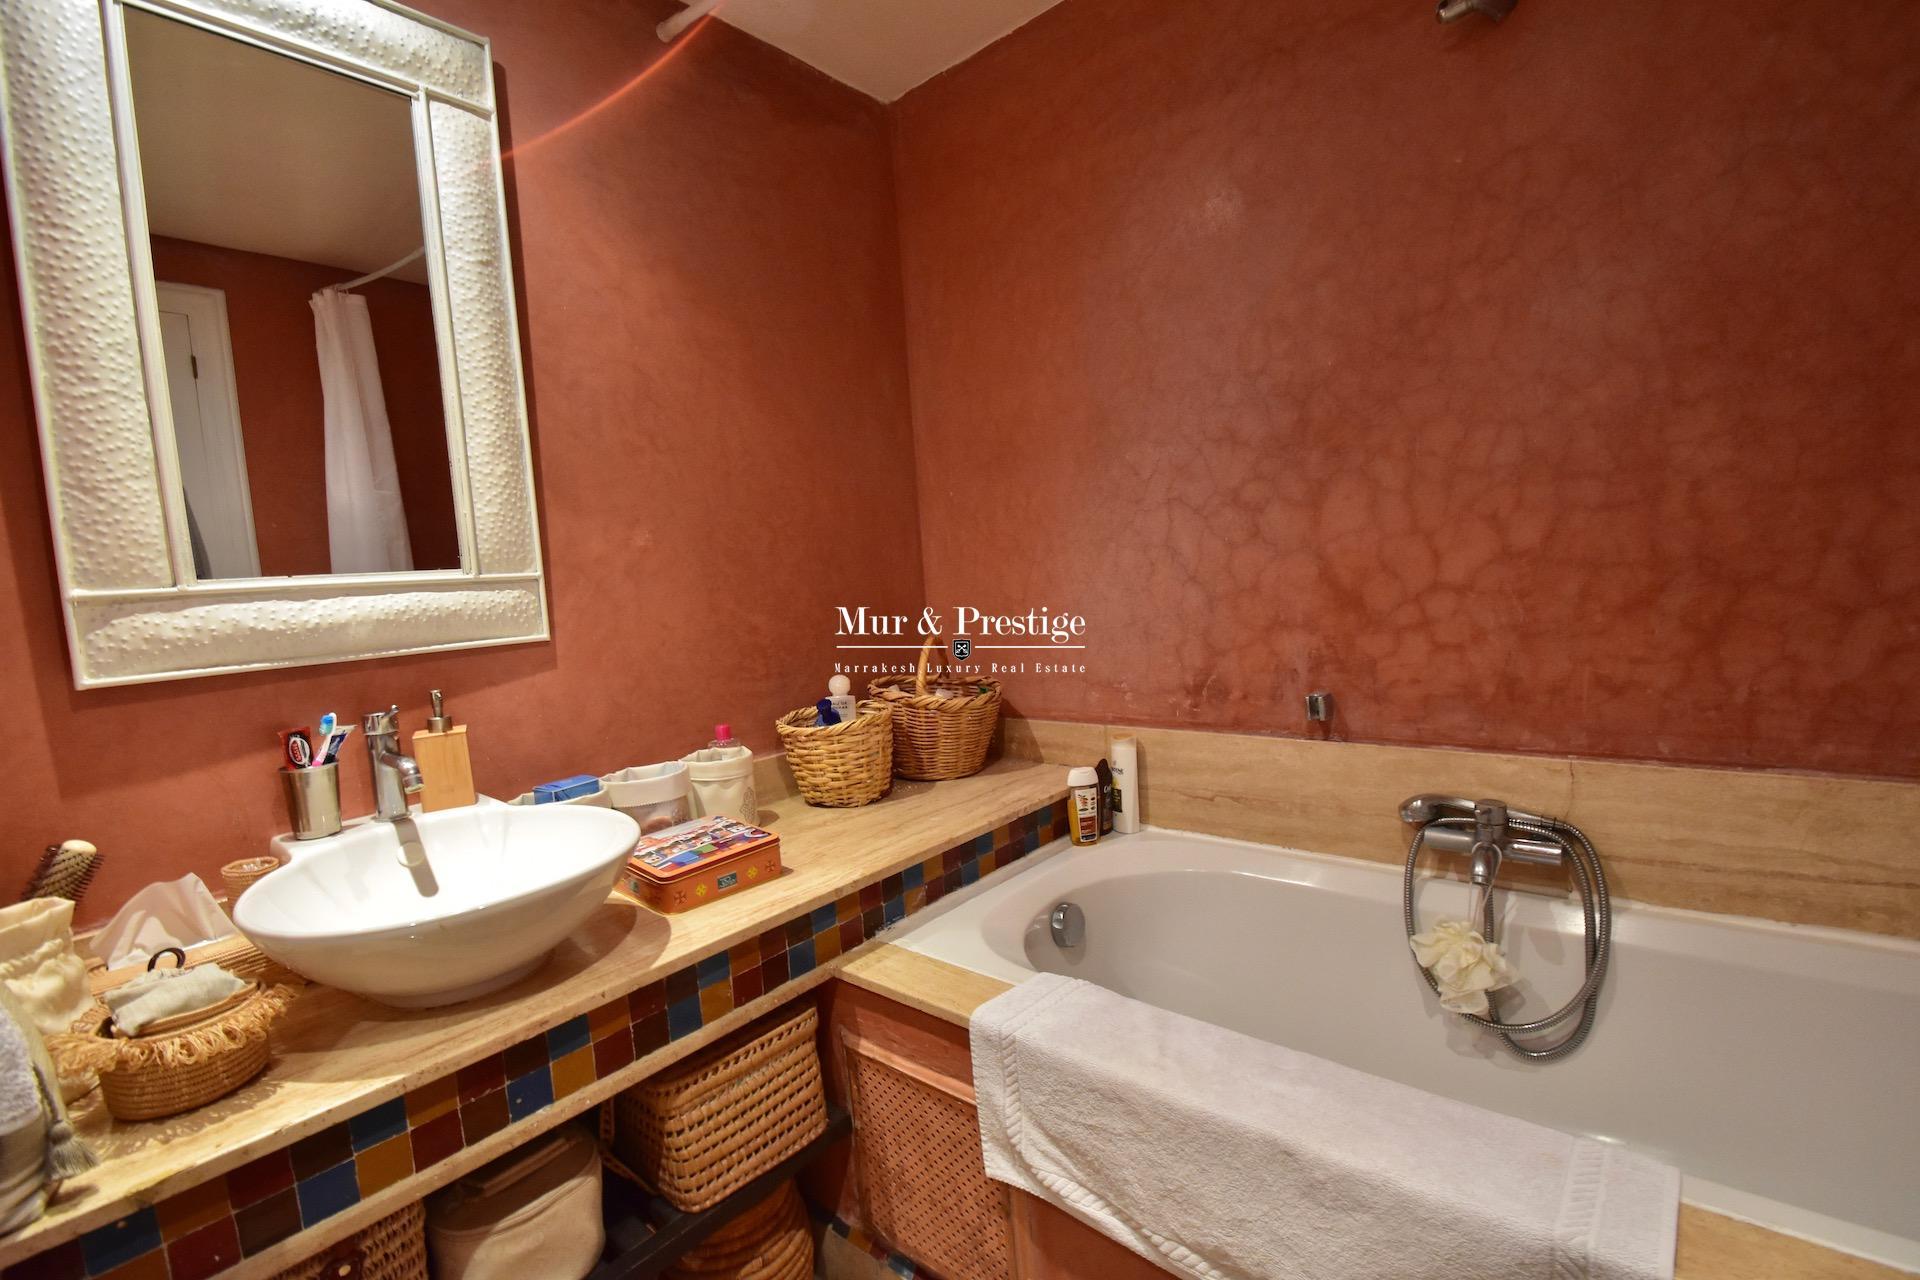 Appartement en vente à Marrakech – Agence Immobilière